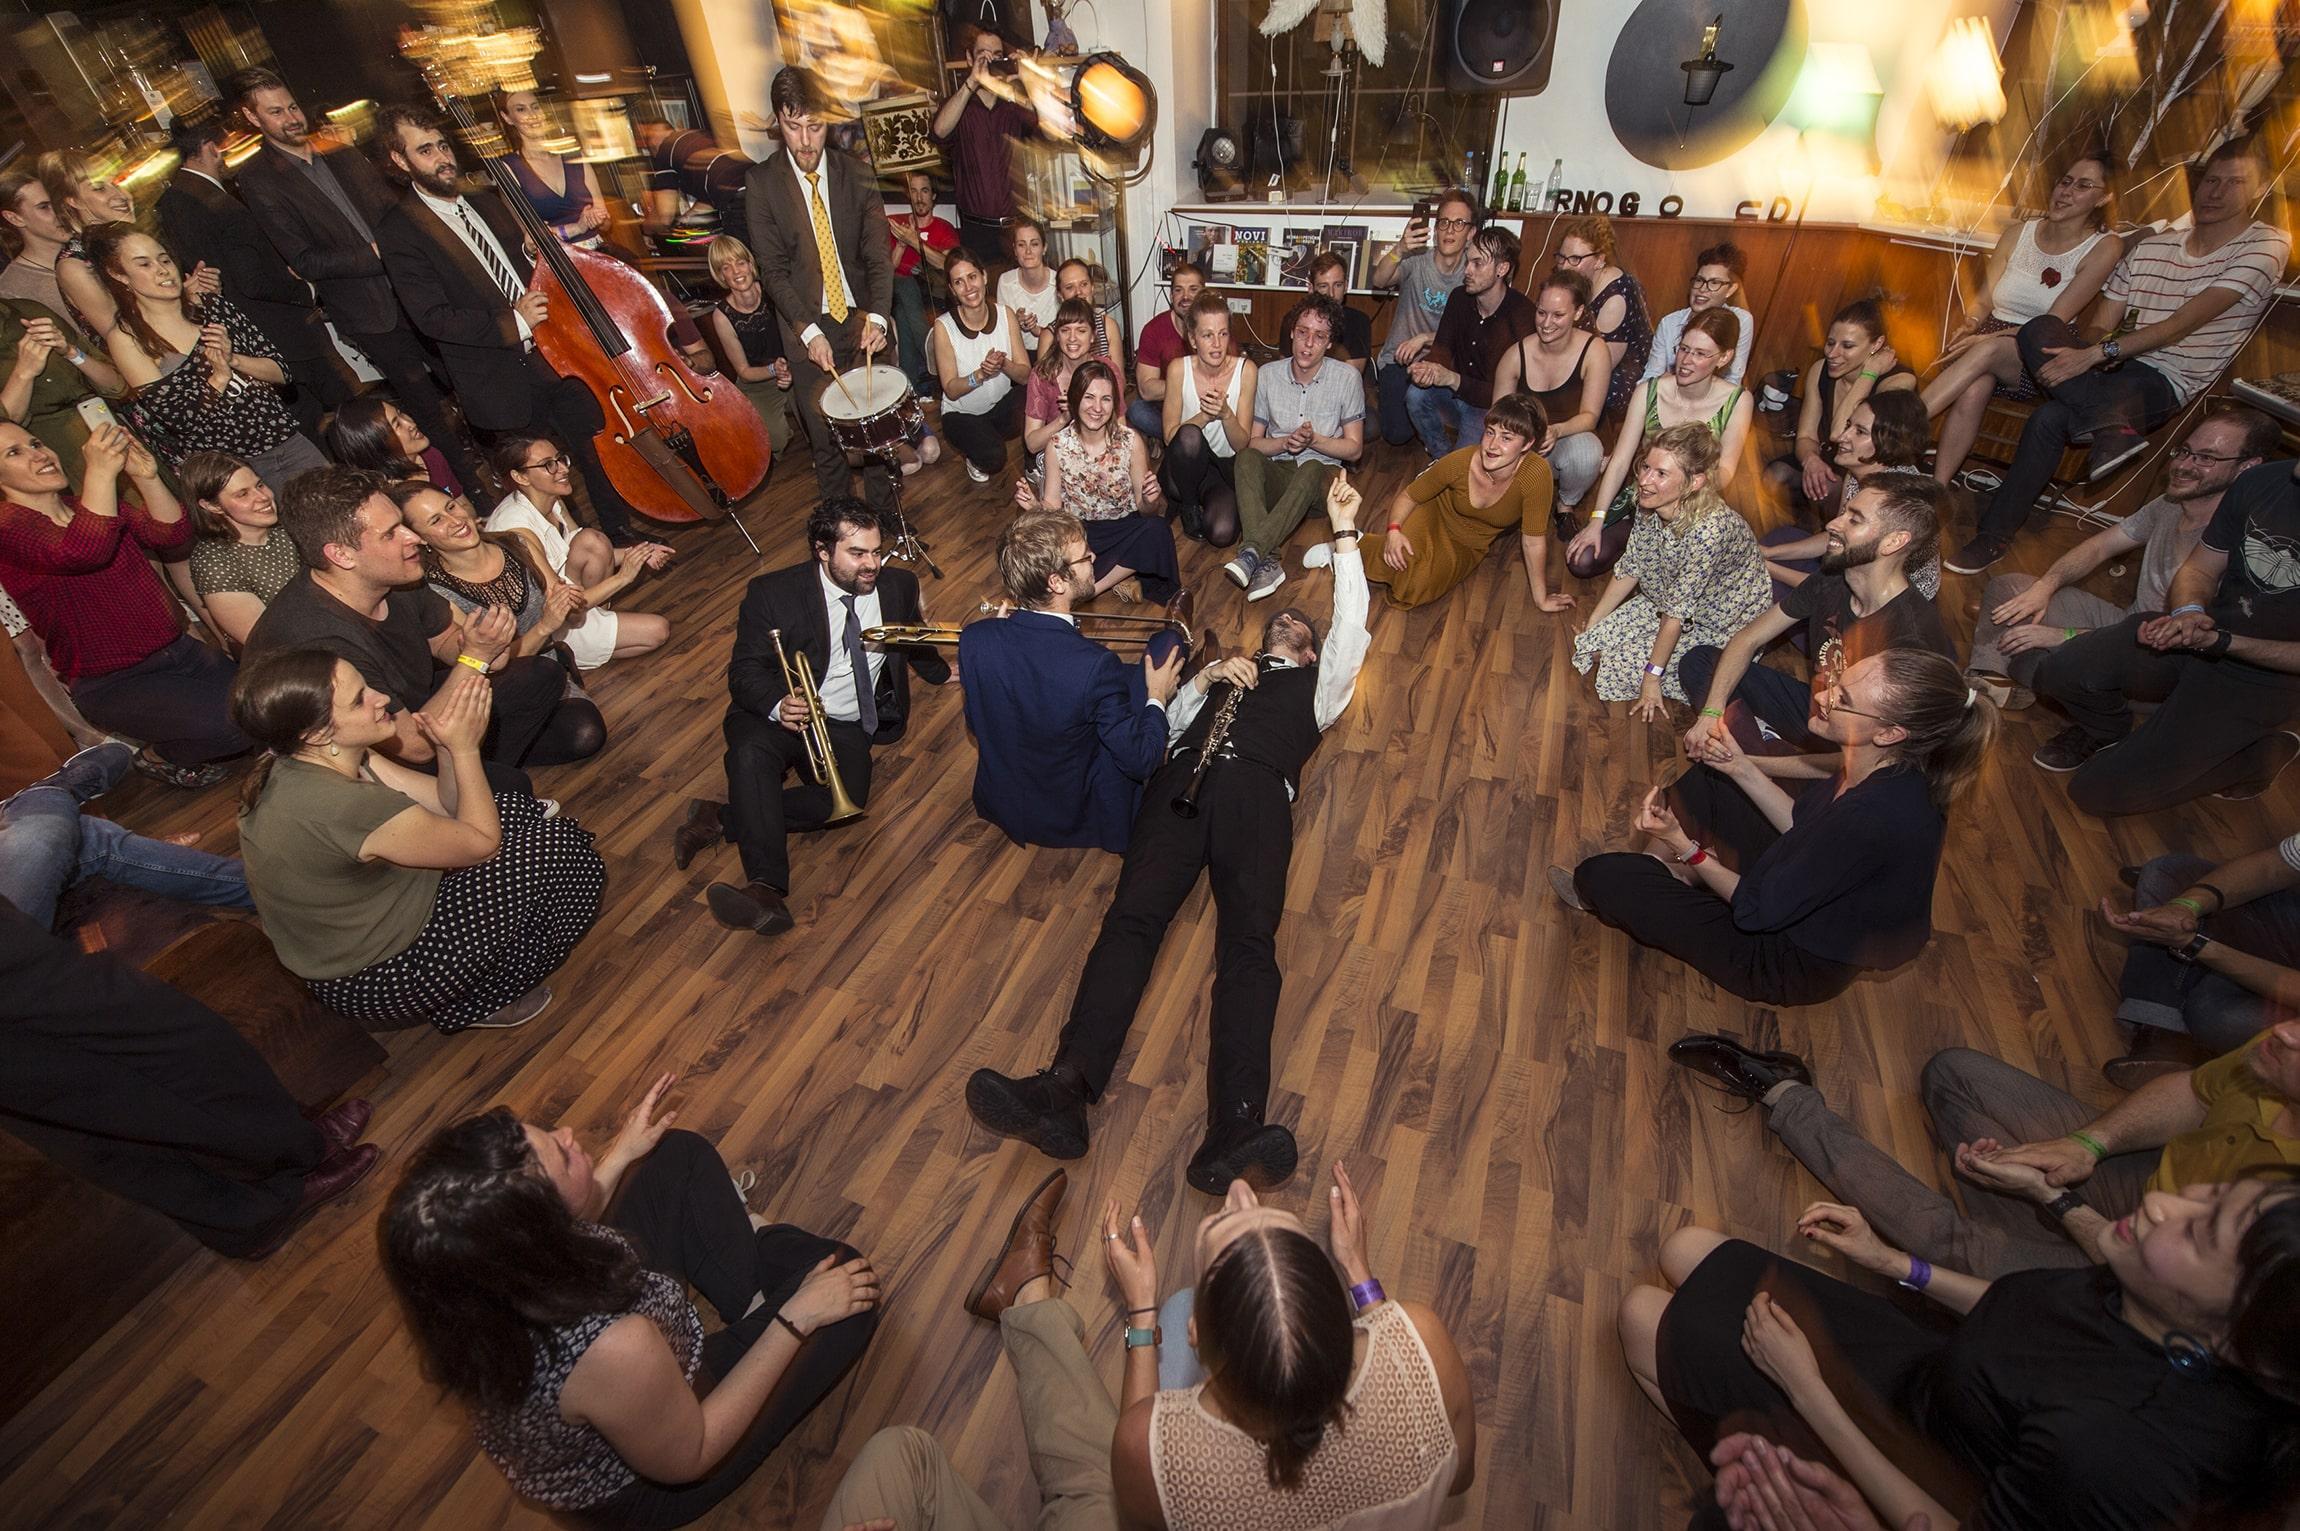 Otvoritveni plesni večer image